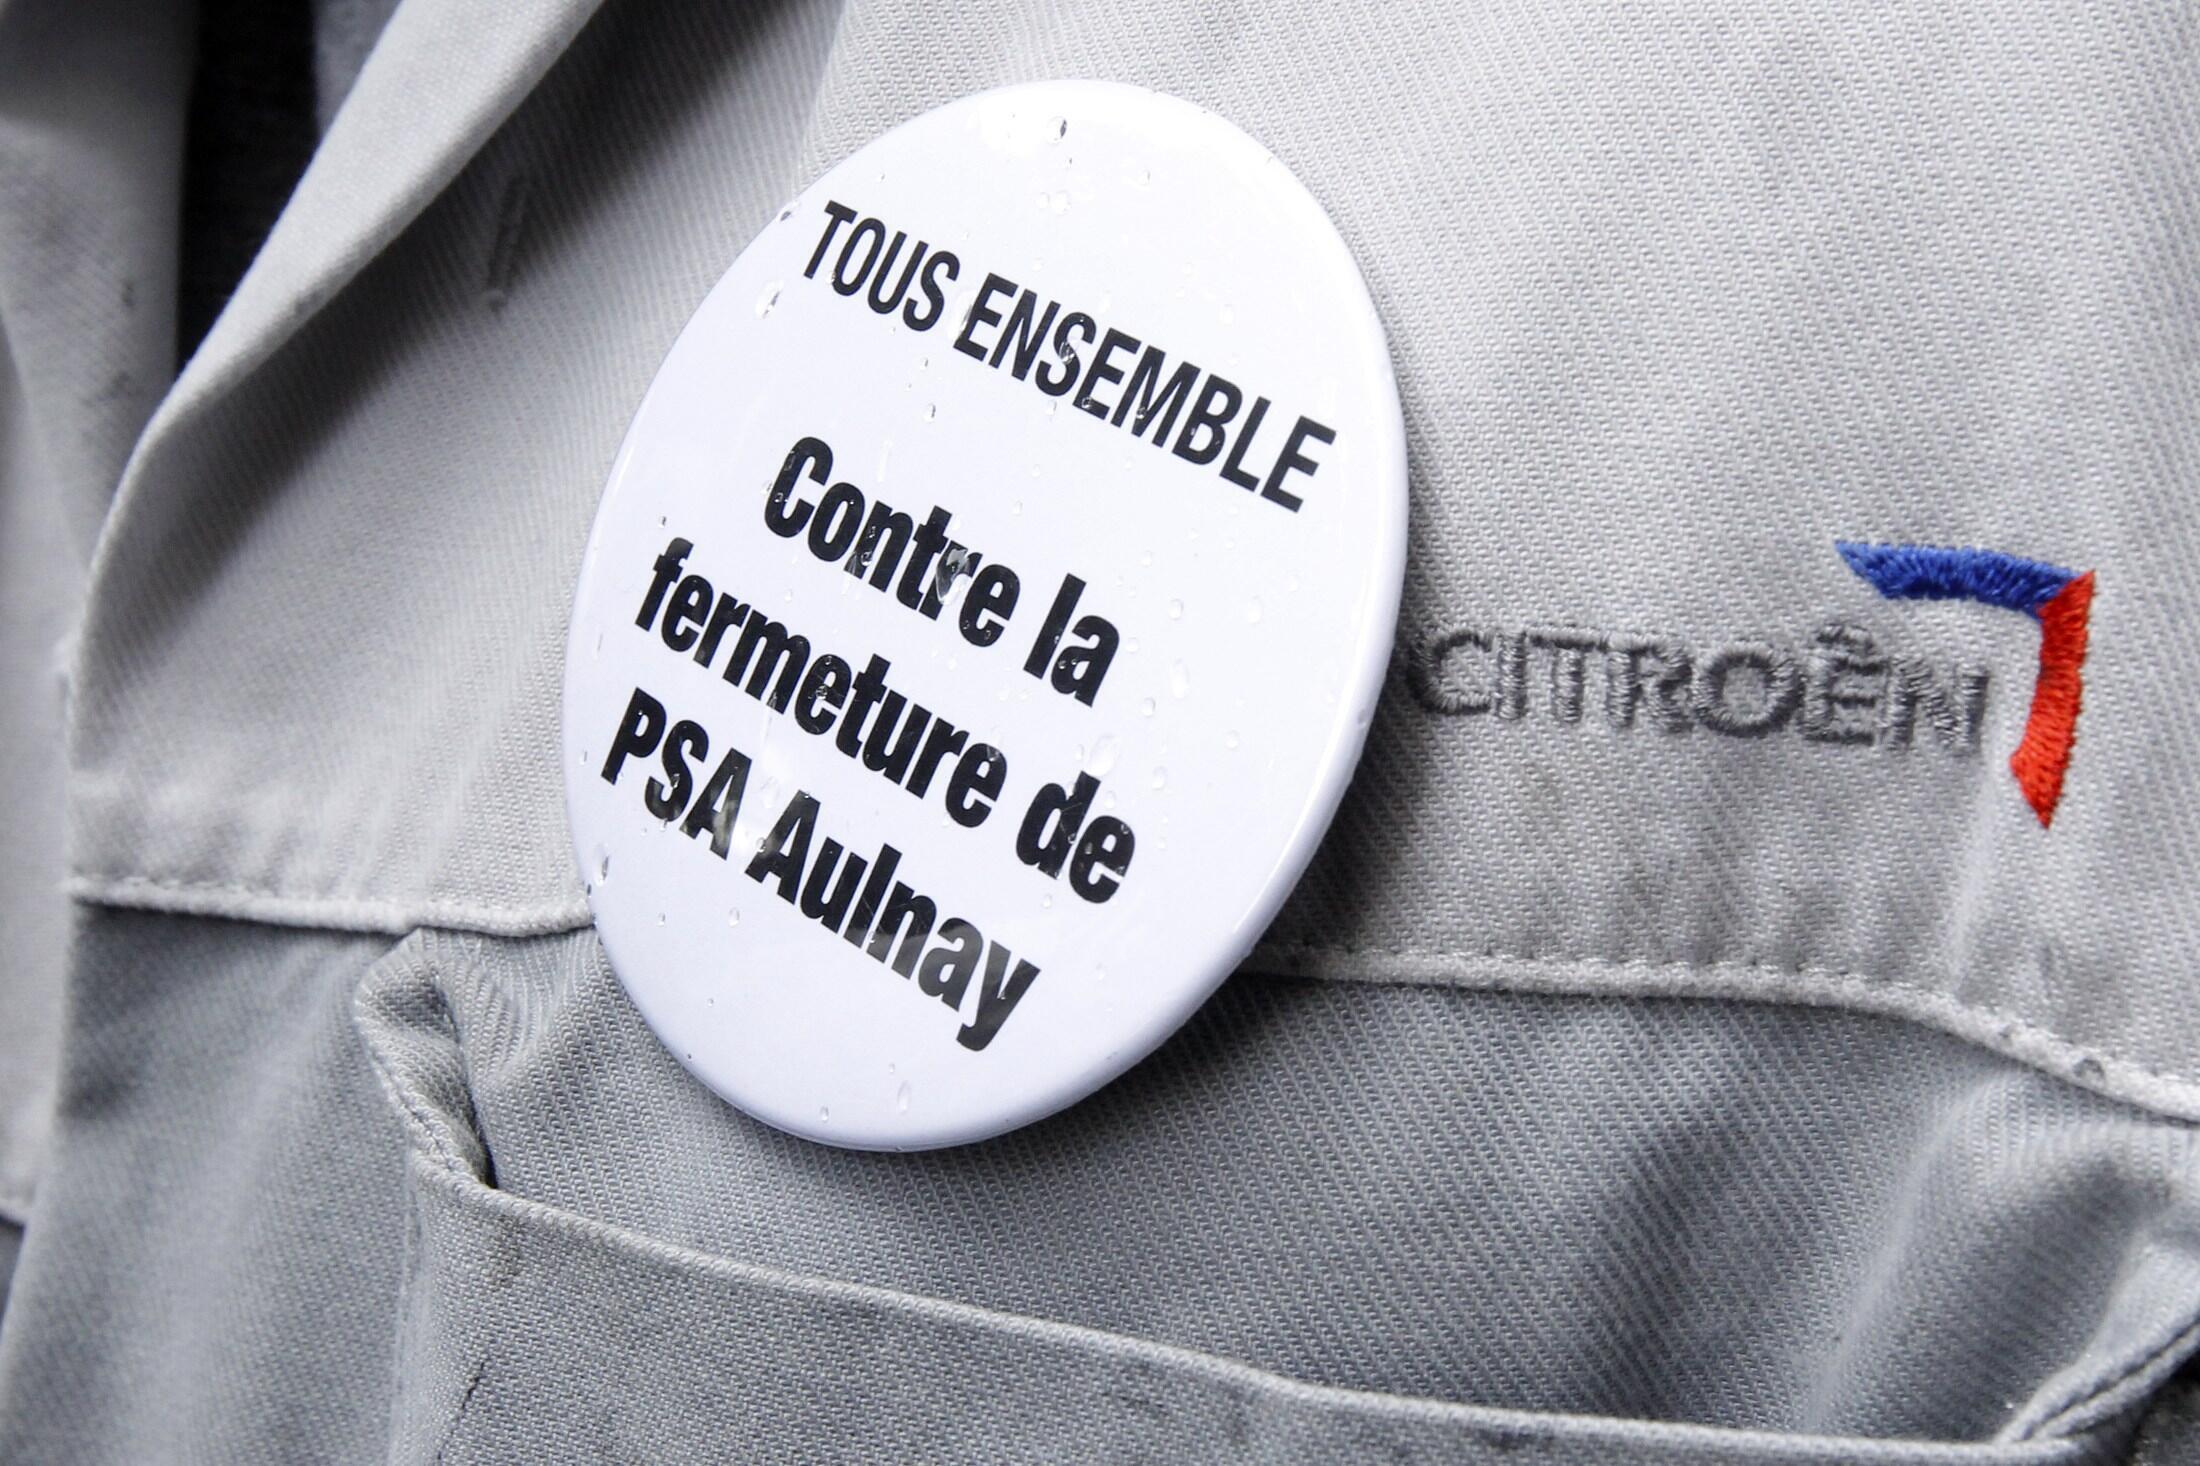 """Funcionário da Peugeot Citroen usa bottom que diz """"Todos juntos contra o fechamento da fábrica de Aulnay""""."""